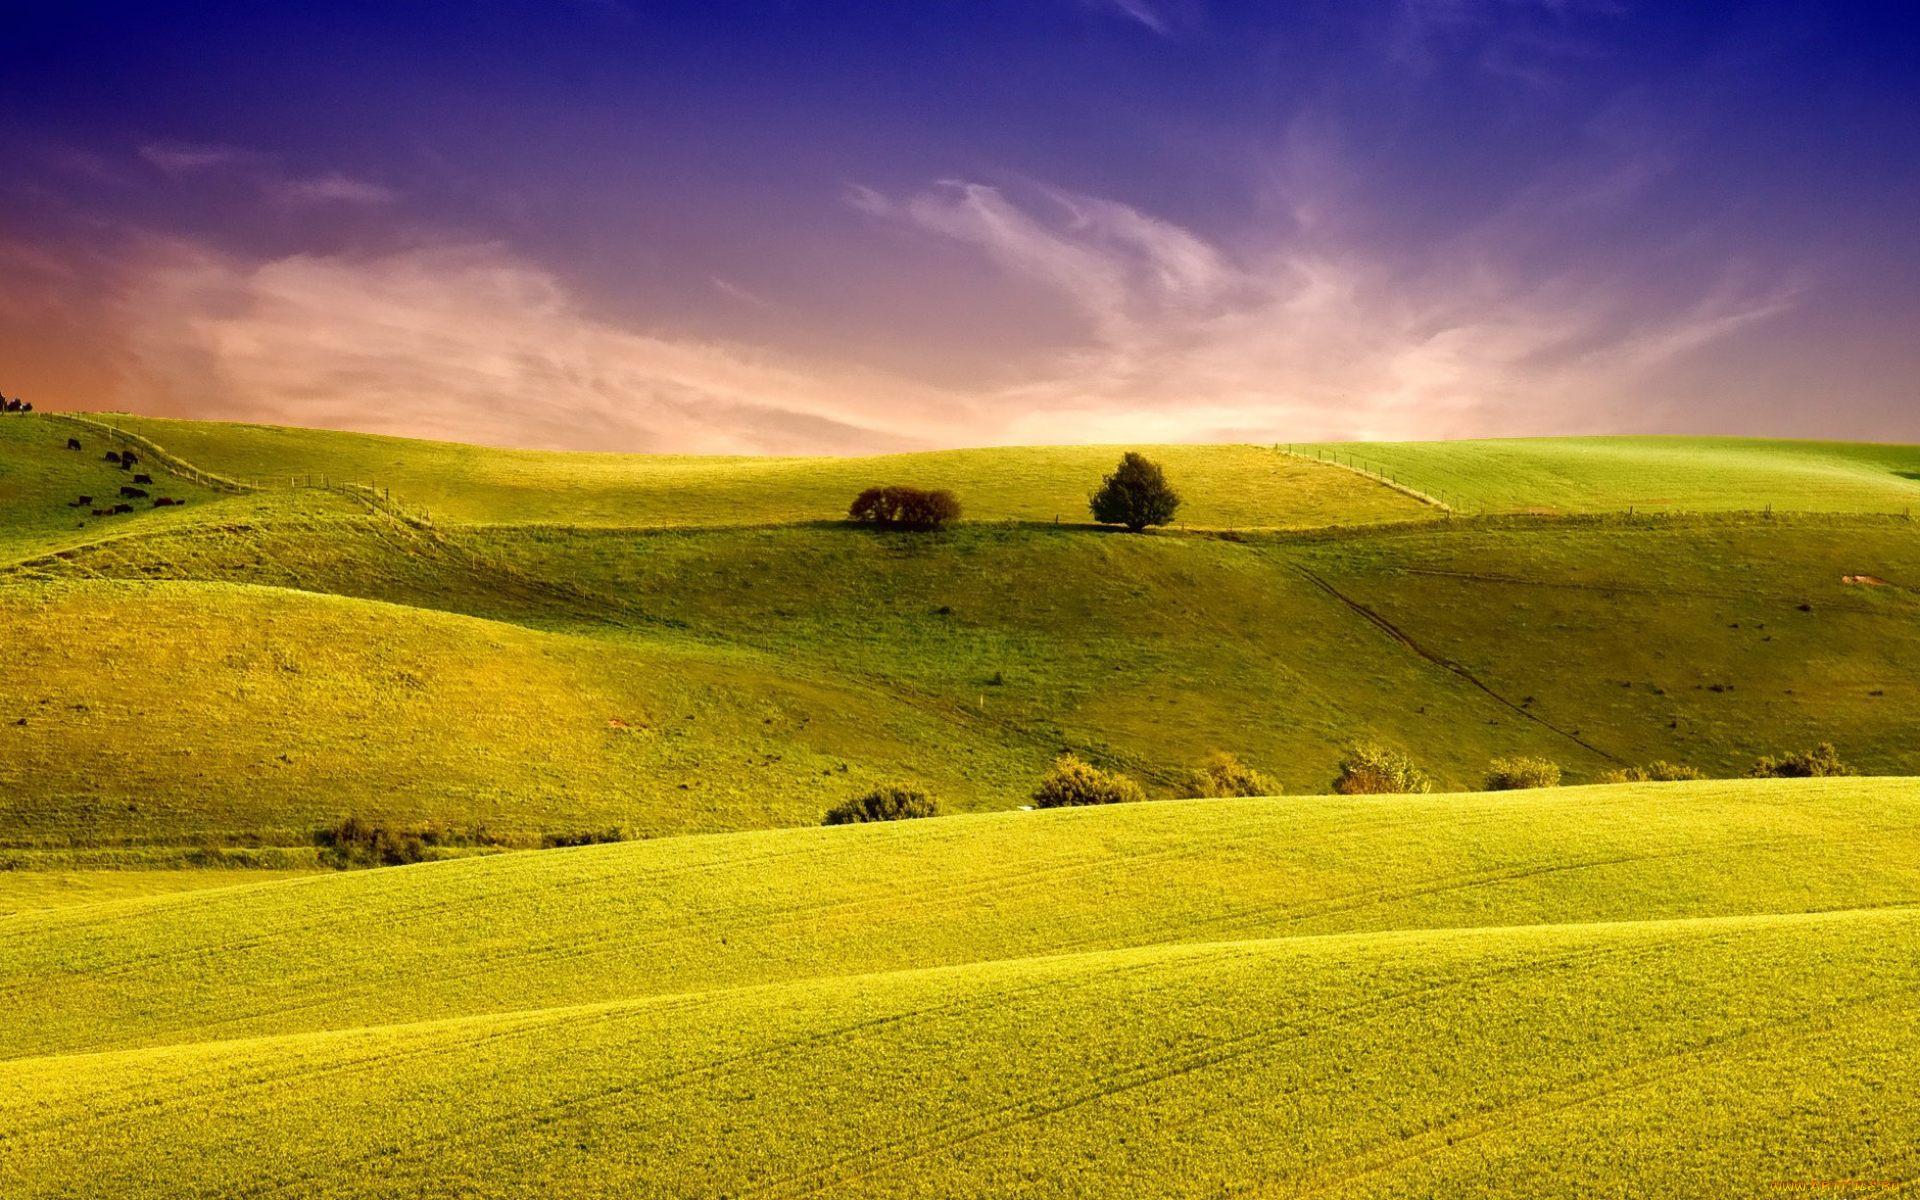 изучили поля и долины картинки скрепляем детали заодно